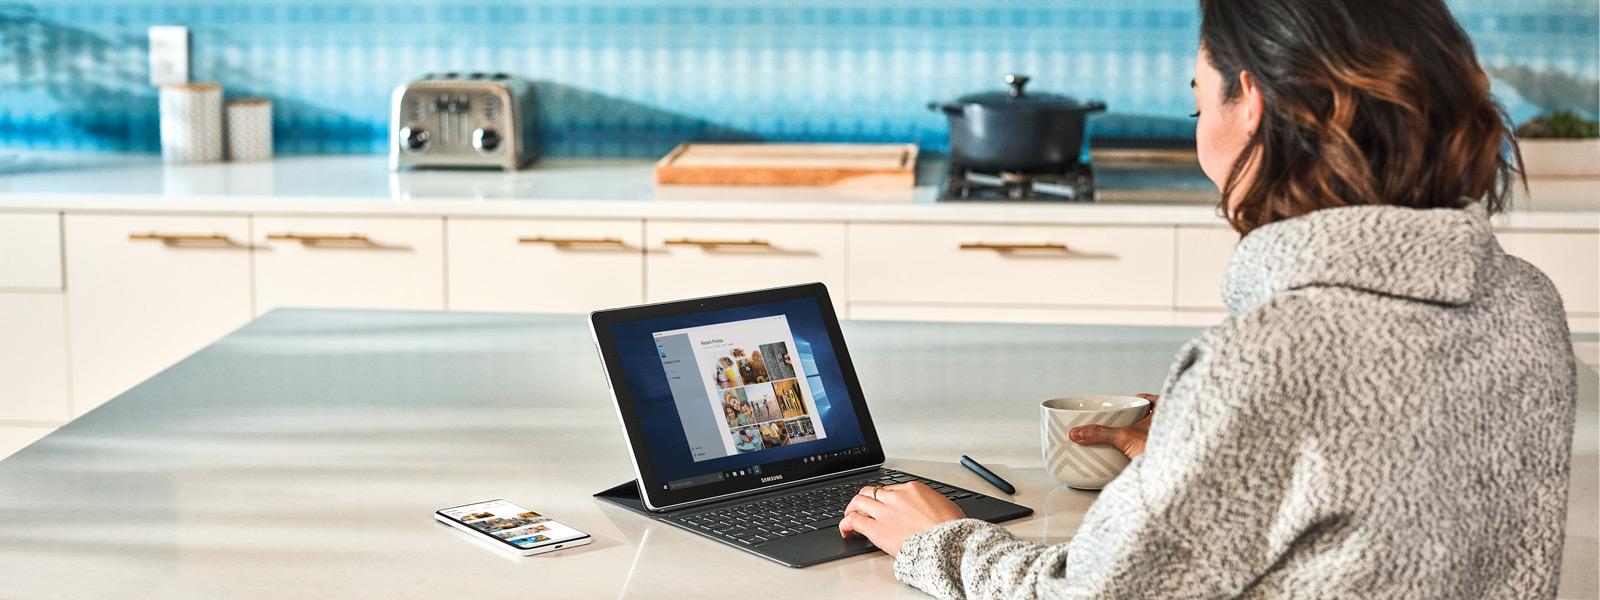 Người phụ nữ ngồi trên kệ bếp và sử dụng máy tính xách tay cài Windows 10 kết nối với điện thoại di động